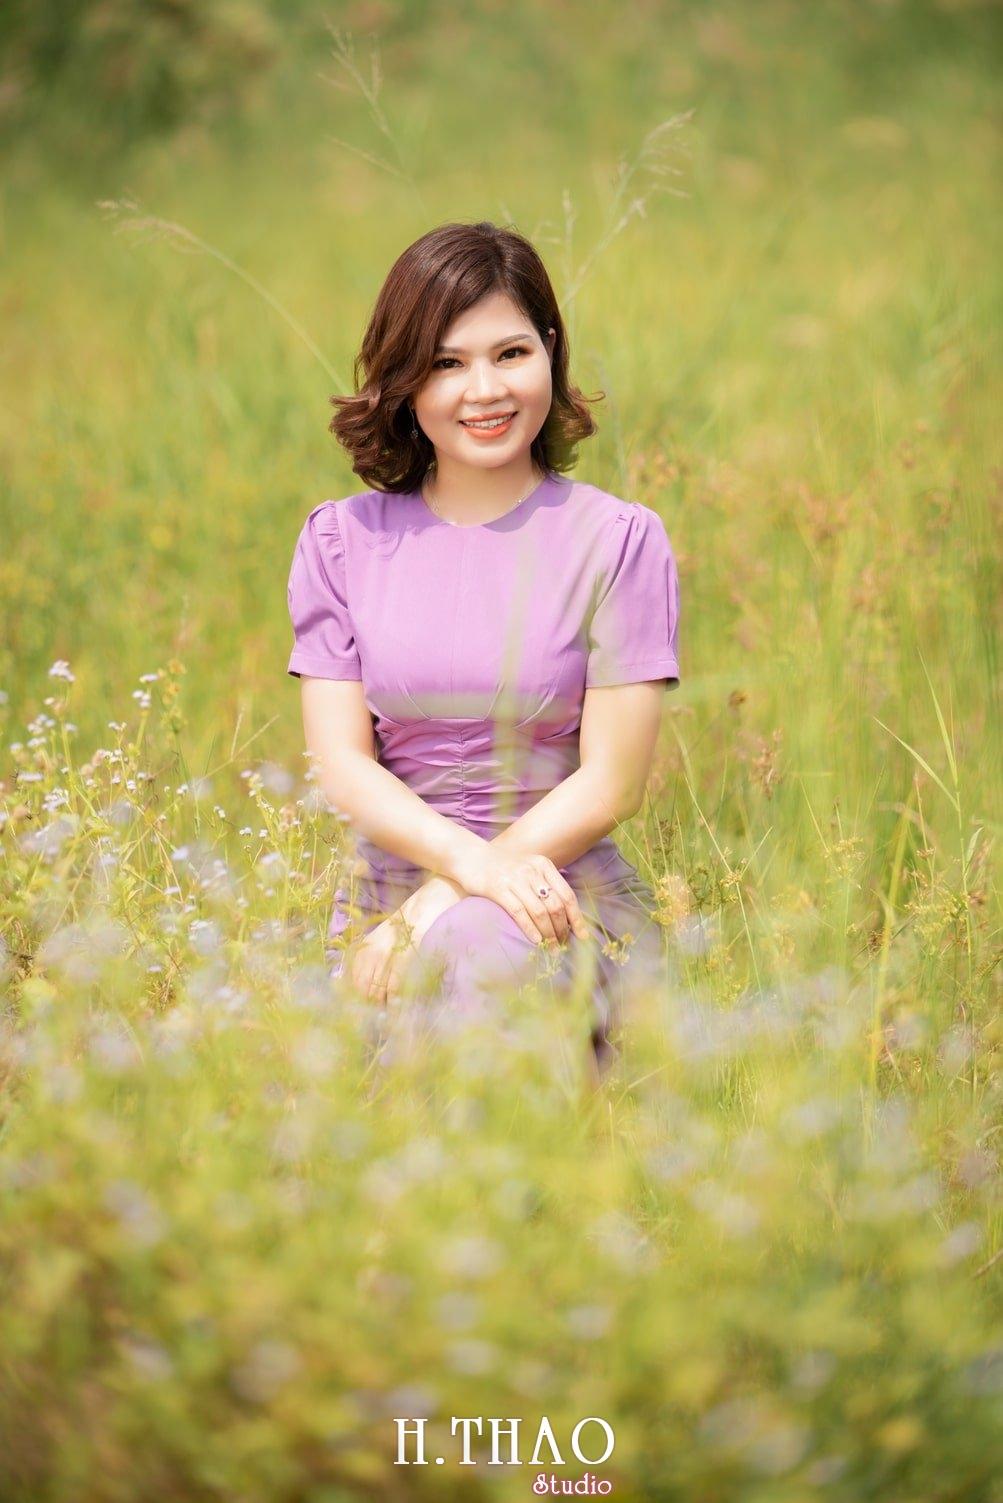 Canh Dong Co Lau 13 - Chụp ảnh với cánh đồng cỏ lau quận 9 tuyệt đẹp - HThao Studio